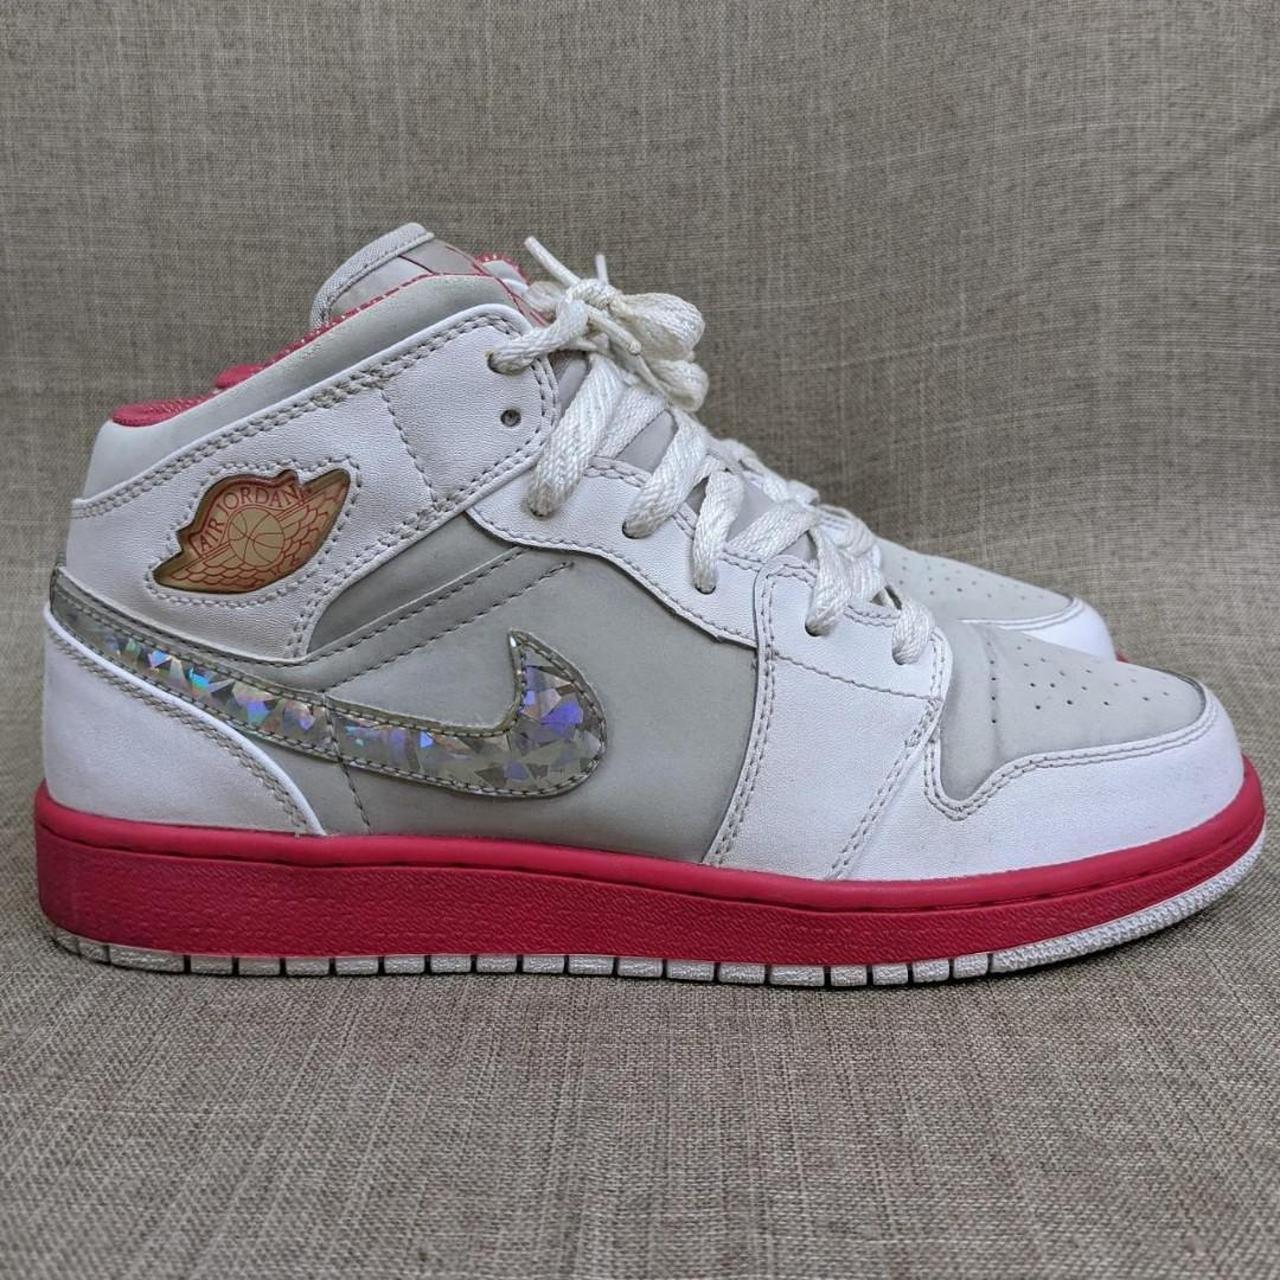 Product Image 1 - Jordan 1 retro sneakers in